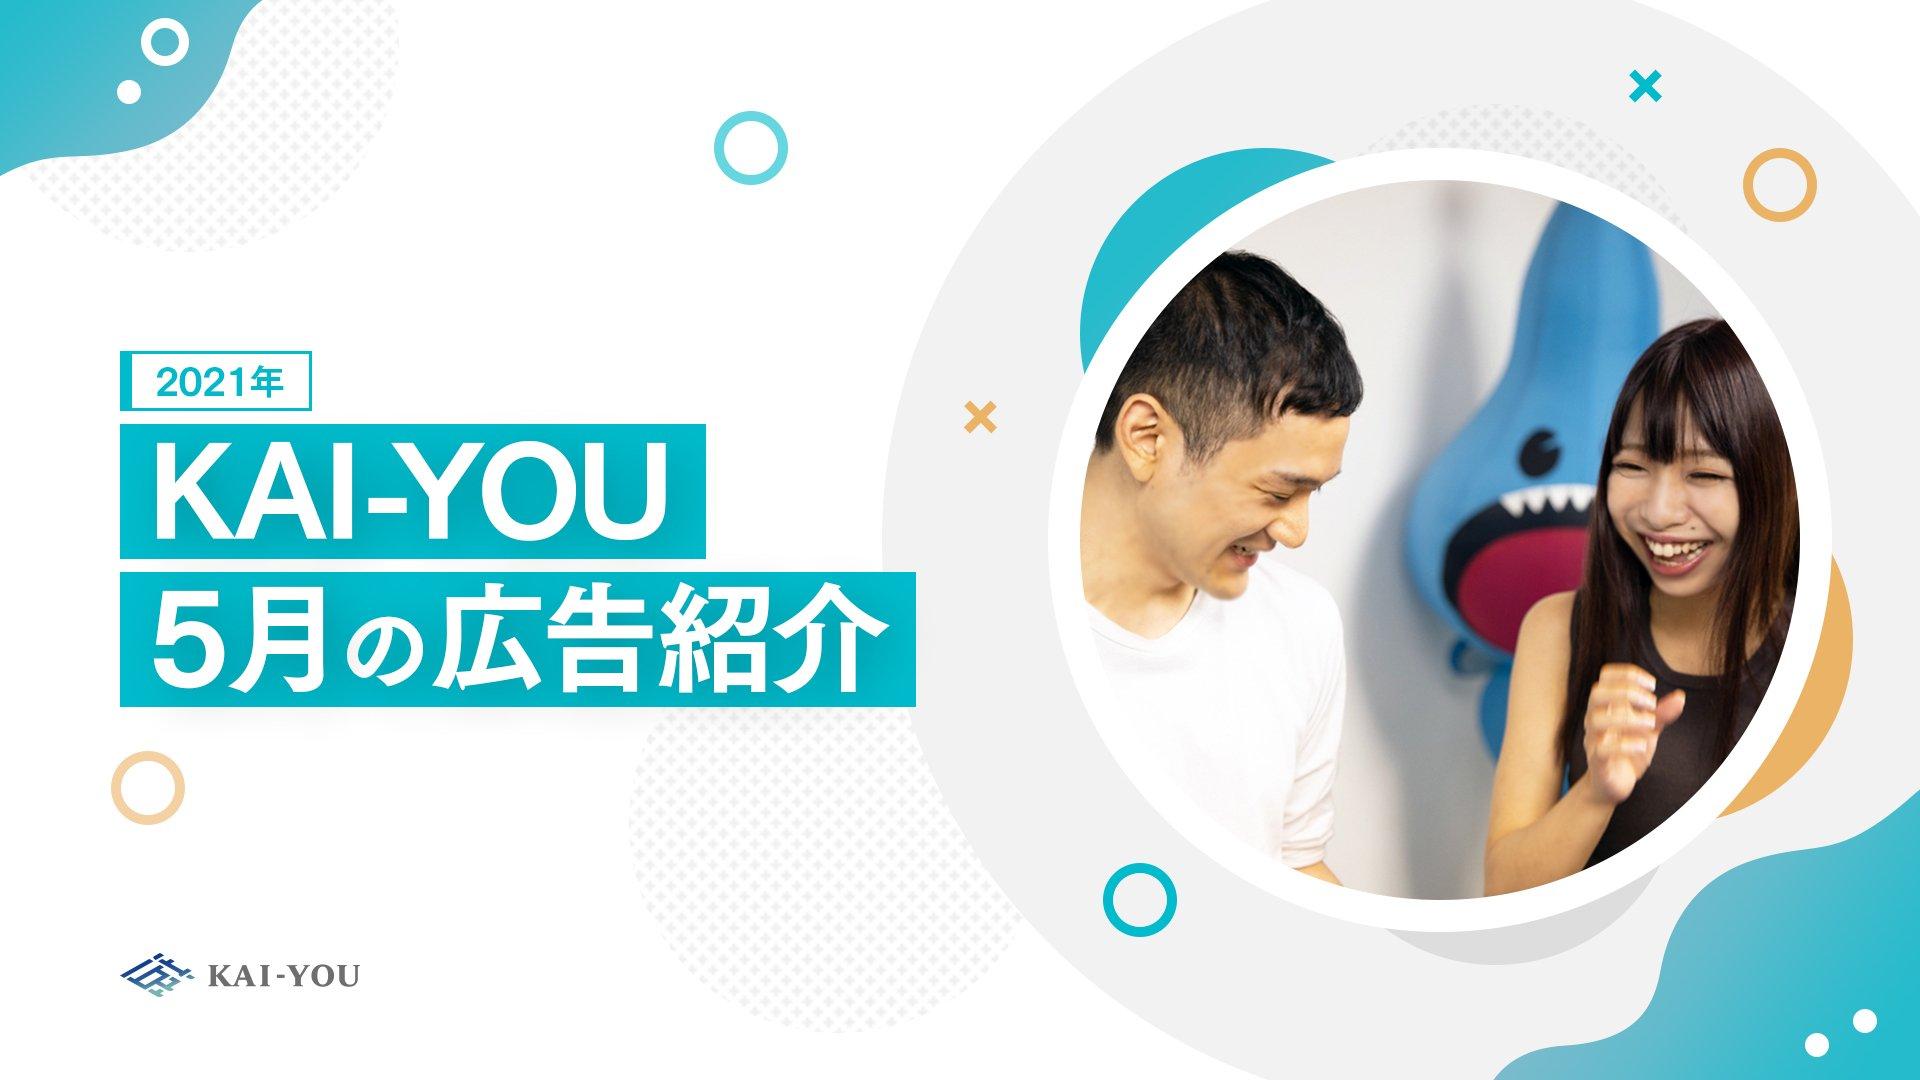 KAI-YOU 広告事例のご案内 | 2021年5月